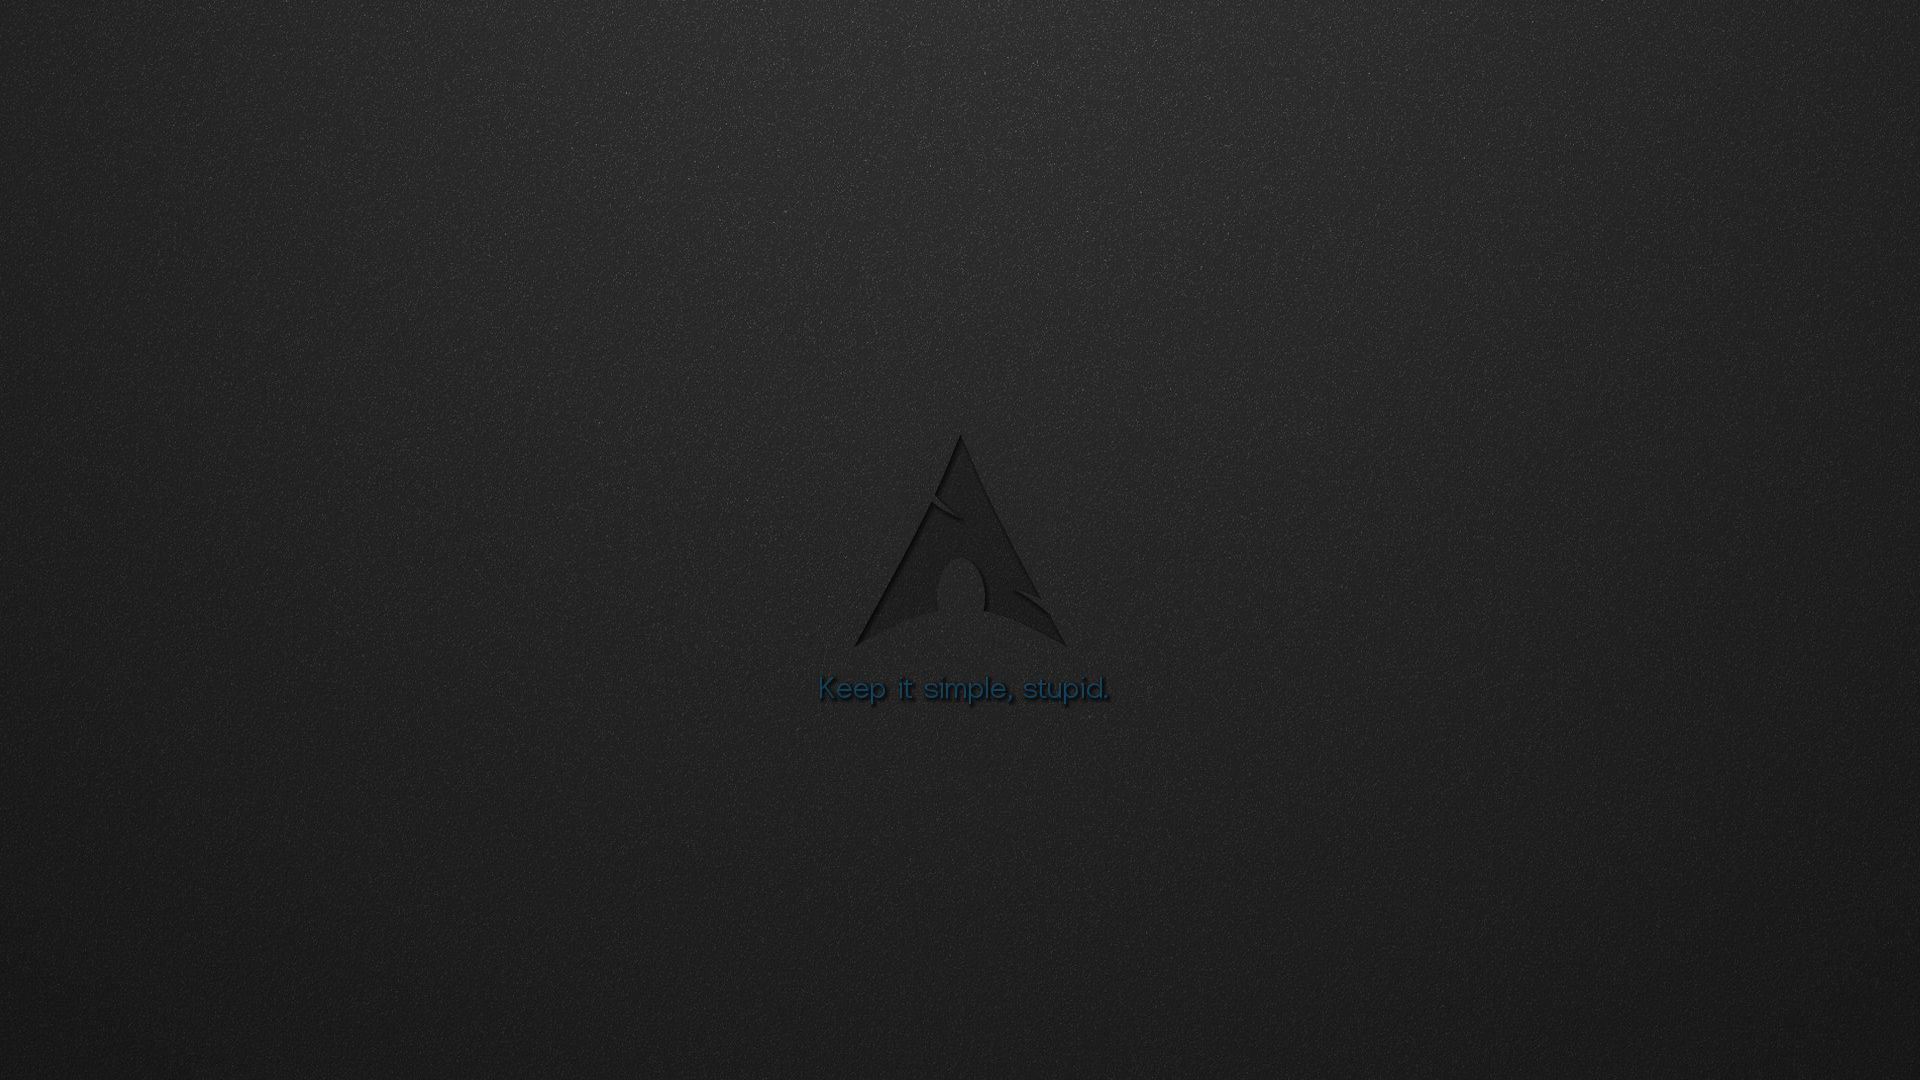 Arch desktop background free